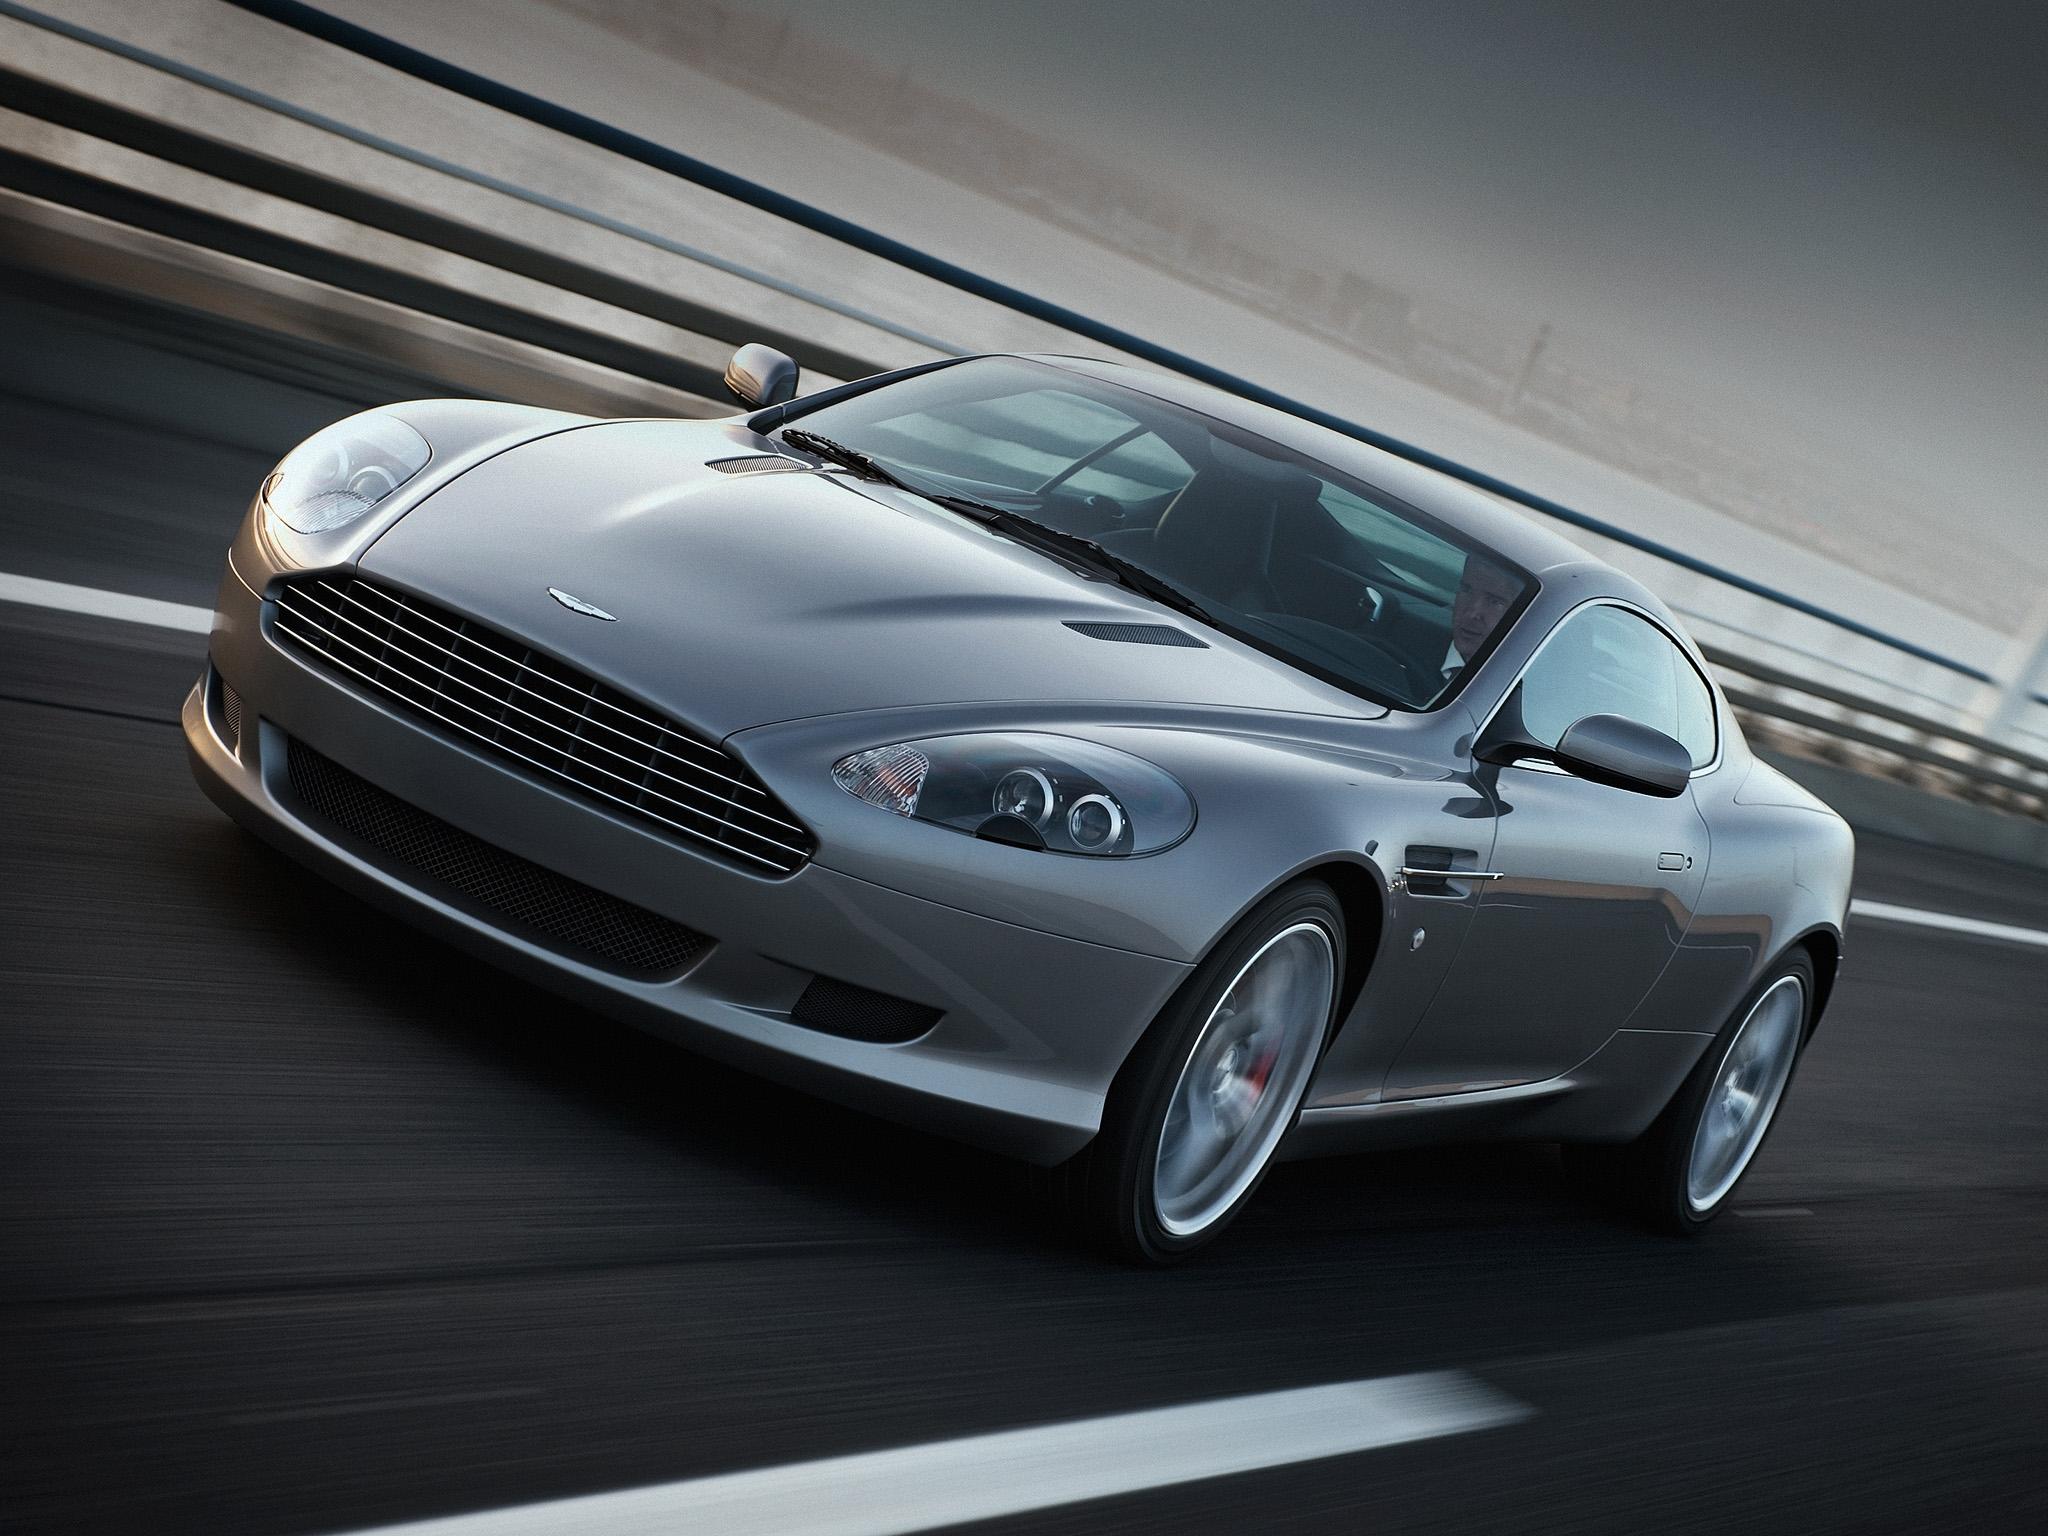 150931 скачать обои Спорт, Машины, Астон Мартин (Aston Martin), Тачки (Cars), Асфальт, Вид Спереди, Серый, Скорость, Стиль, 2008, Db9 - заставки и картинки бесплатно